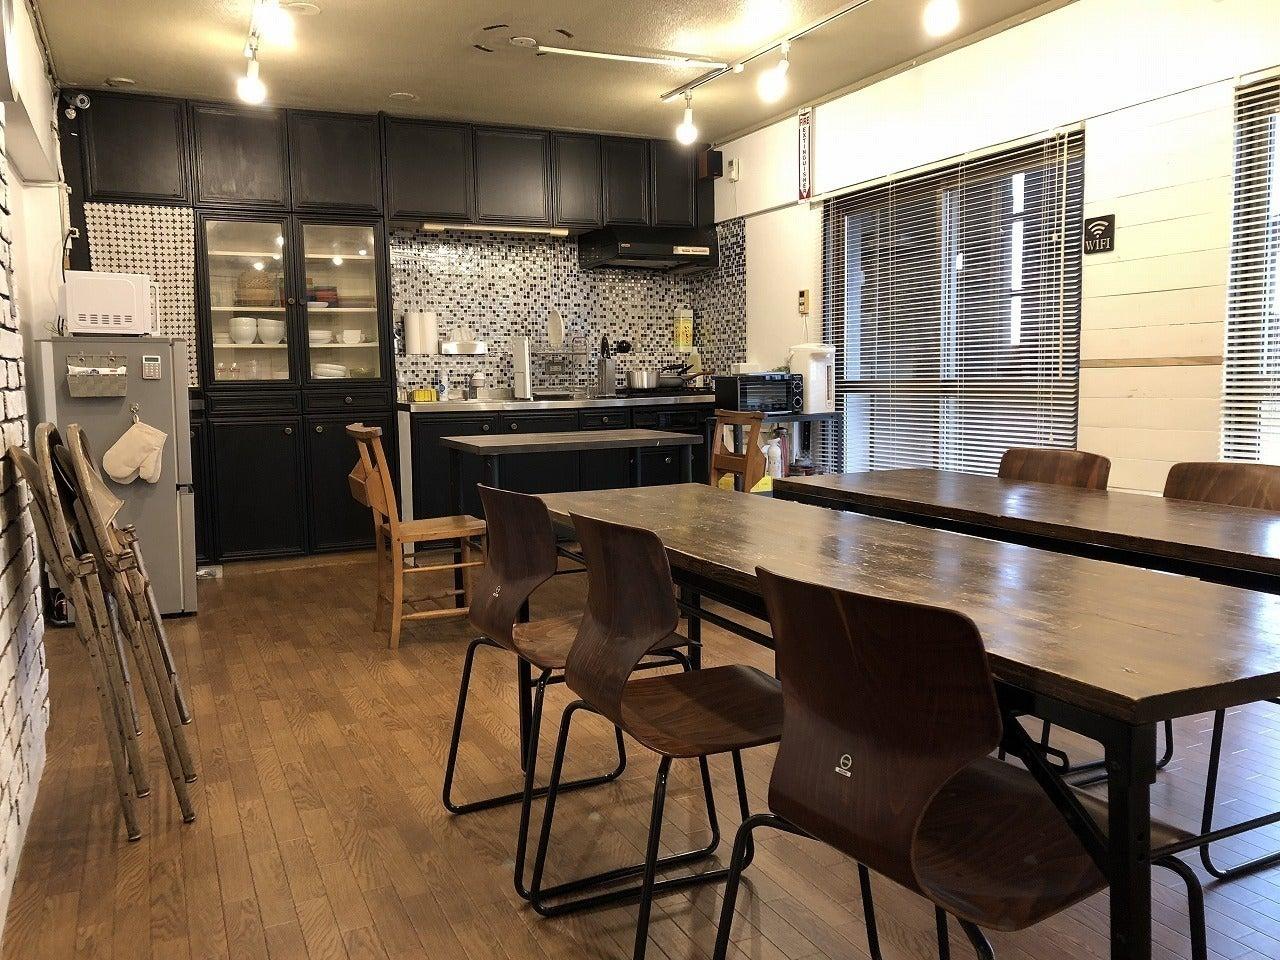 【横浜駅徒歩6分】送別会も追いコンも会議も教室もできるキッチン付きレンタルスペース!WiFi/有線LAN♪(横浜駅徒歩6分🎉料理🍖もできるレンタルスペース 子連れOK👶) の写真0